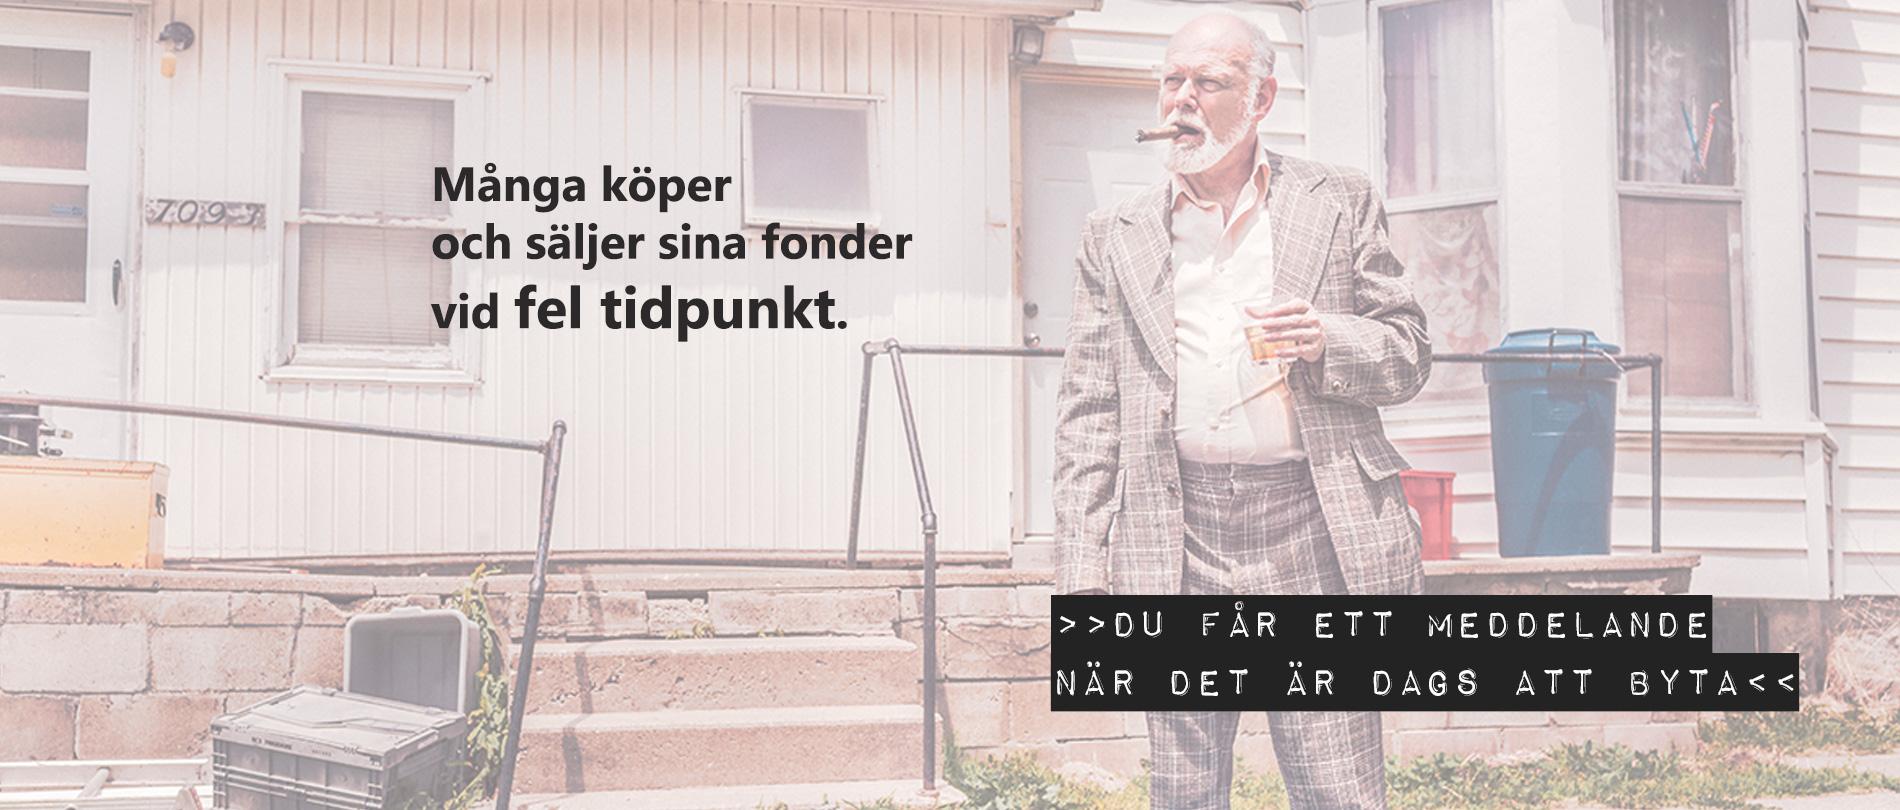 slider-fondkalle-fondhjalp-02_1900x810